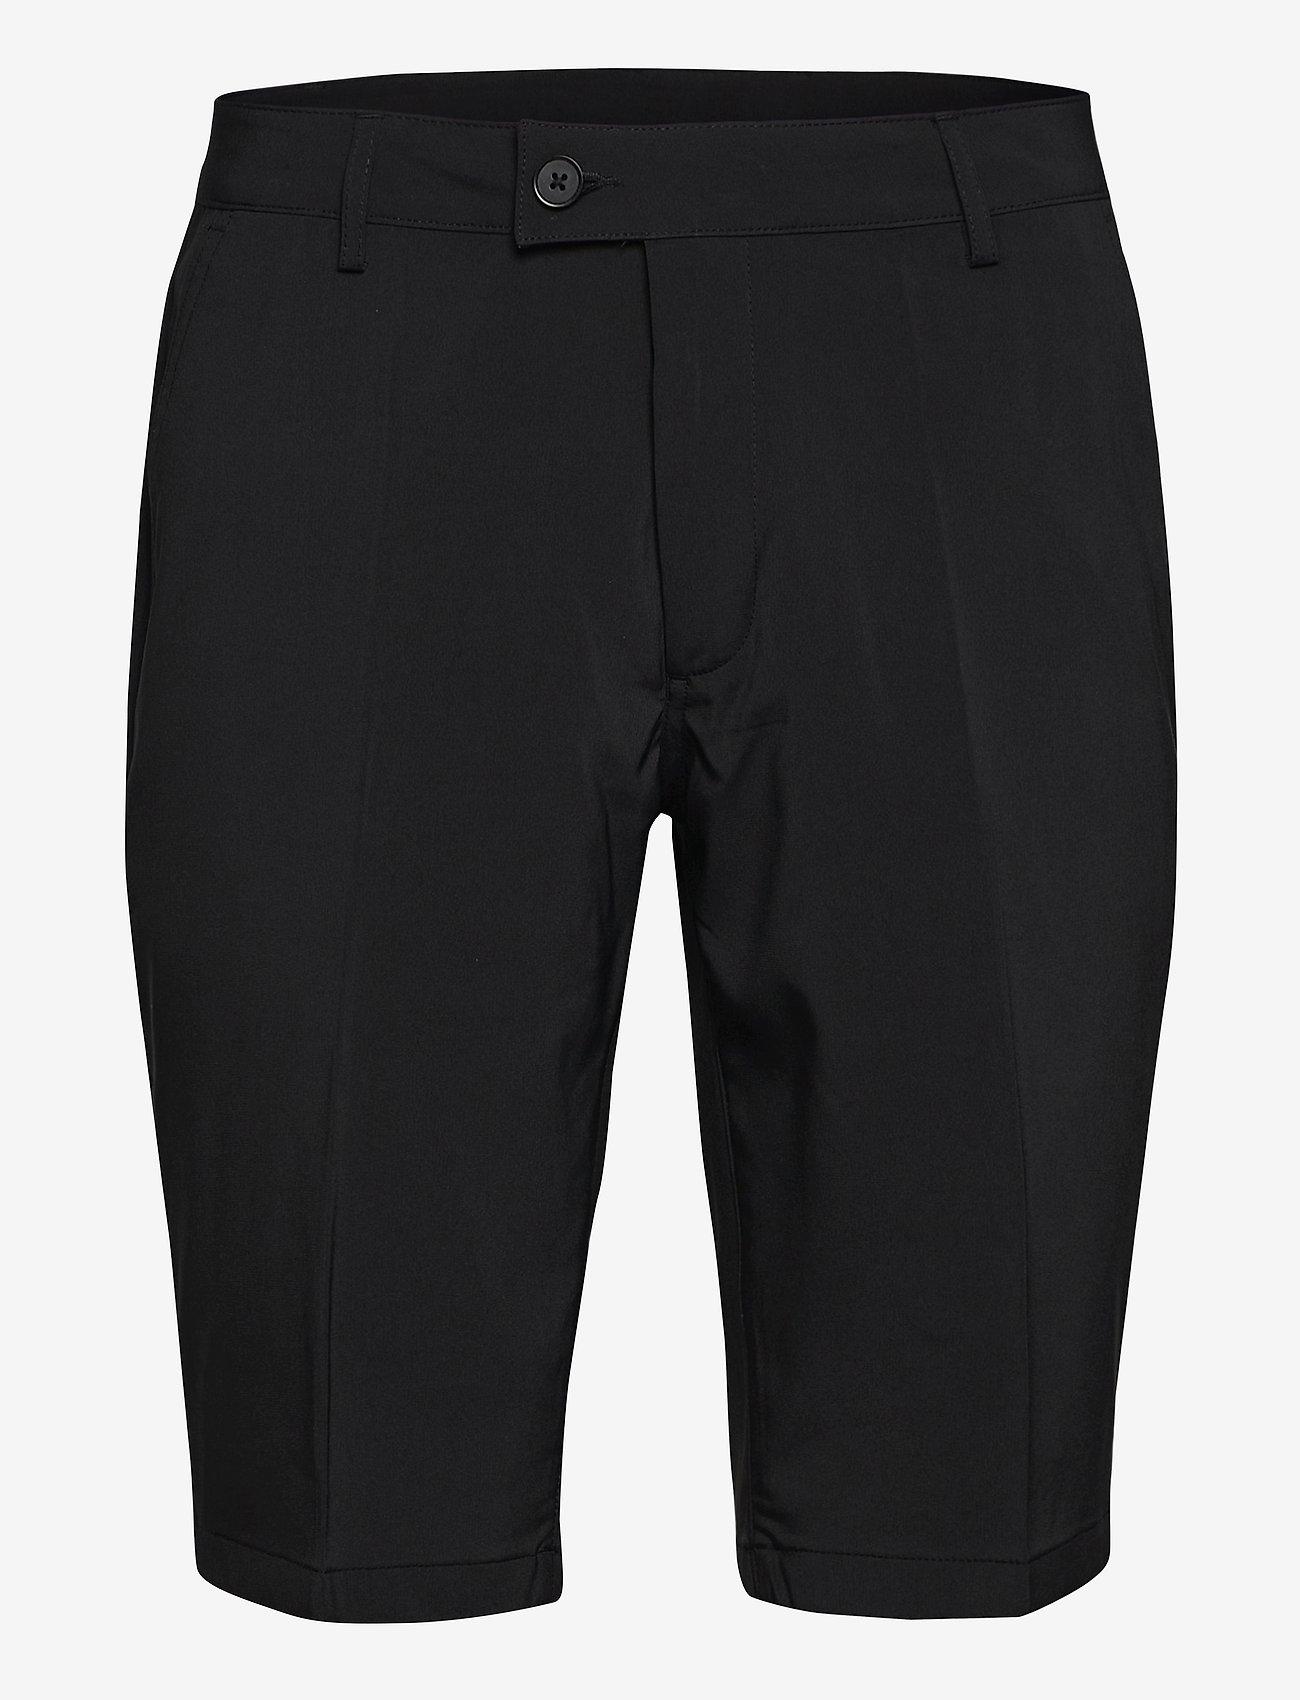 Abacus - Mens Cleek stretch shorts - golfbroeken - black - 0